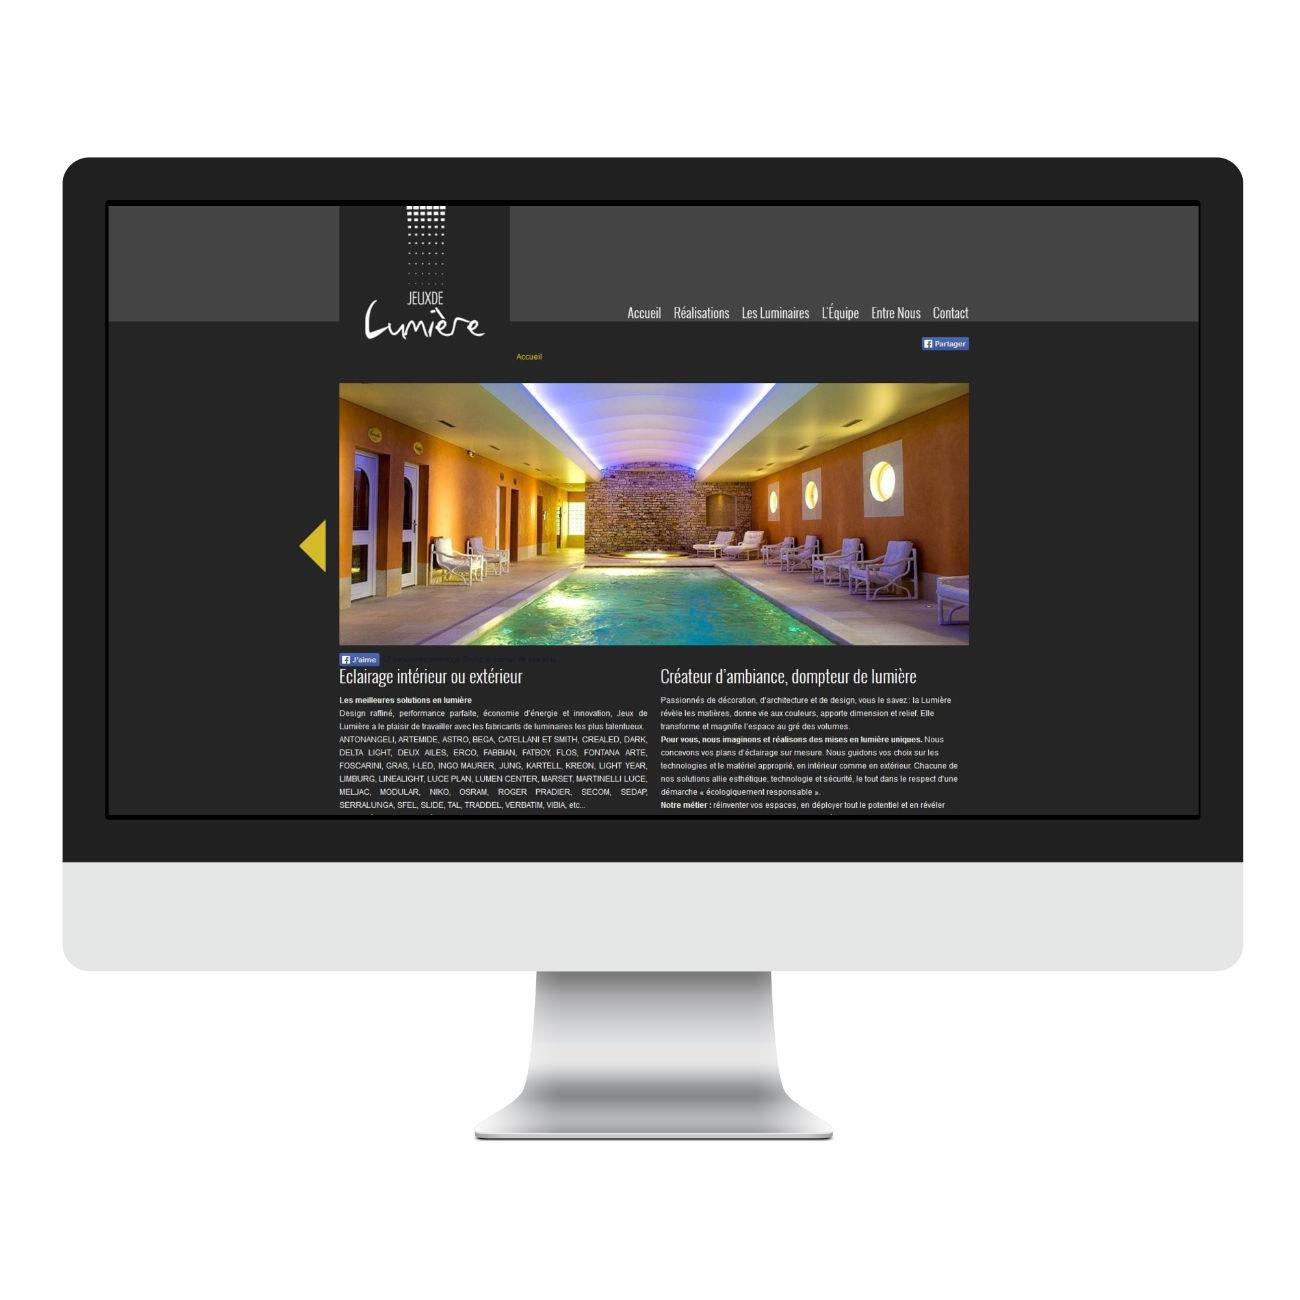 page accueil desktop site web jeux de lumiere